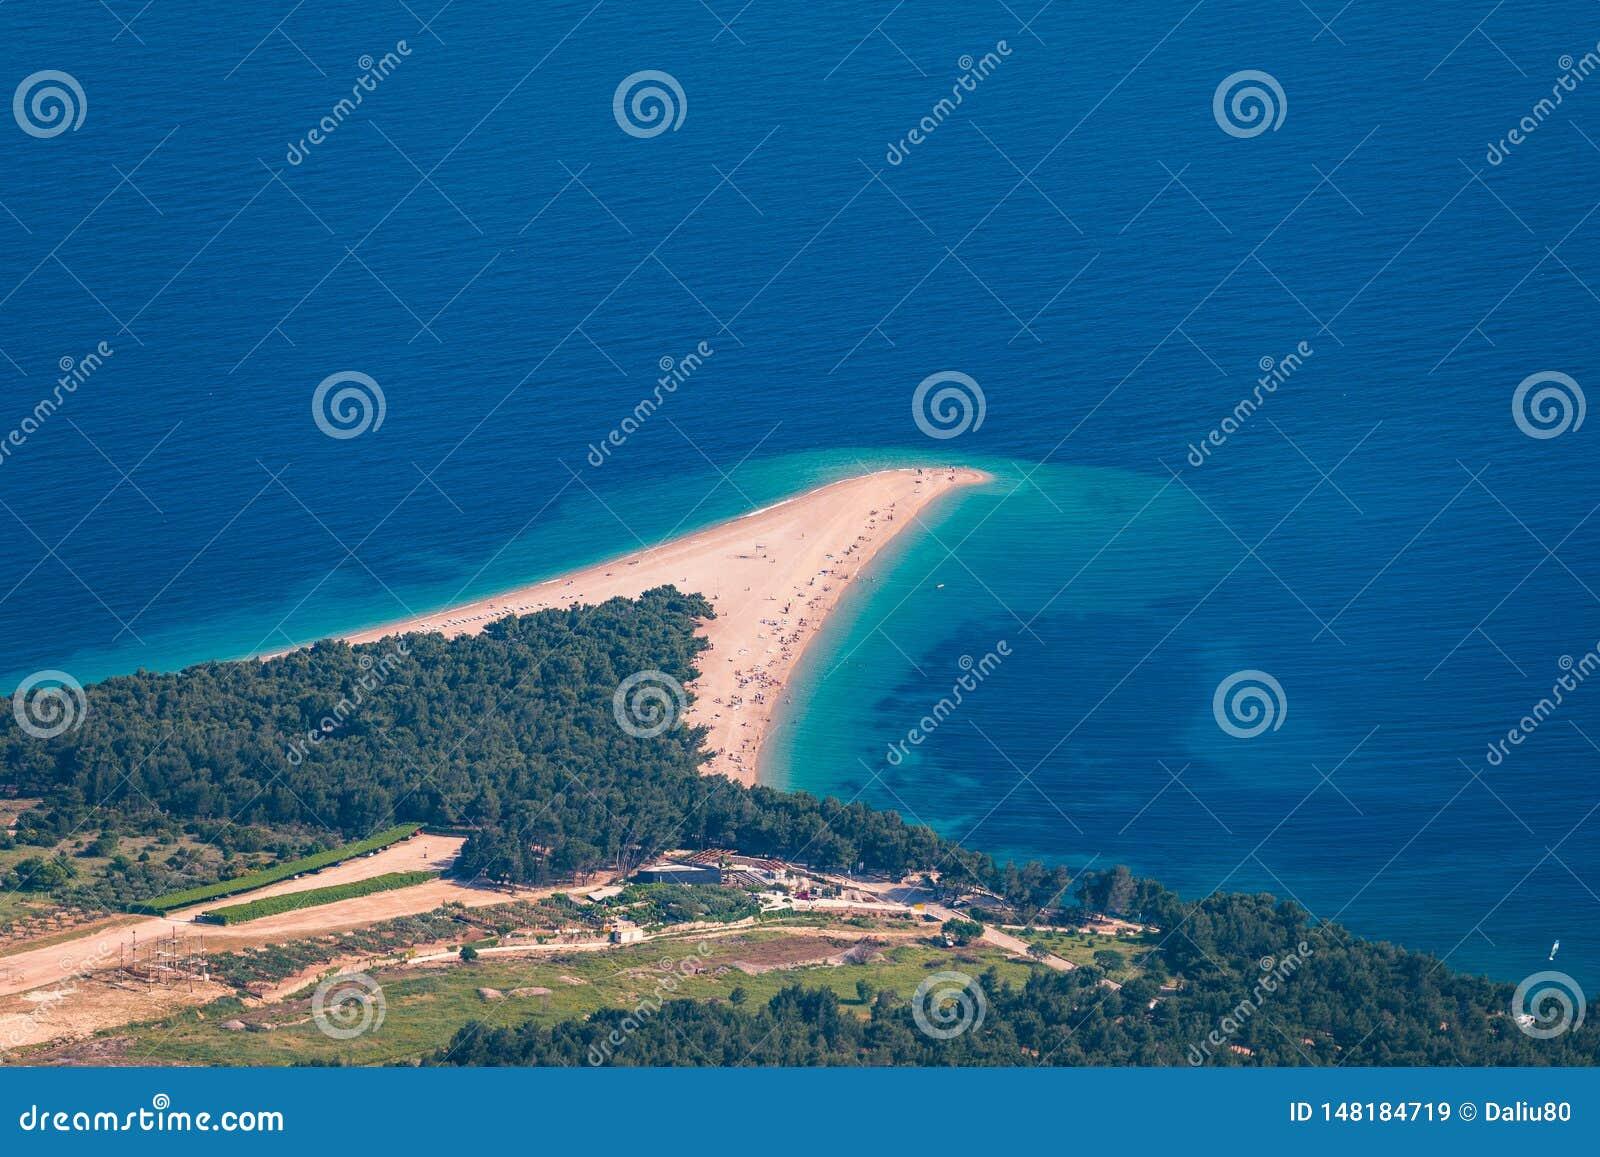 Mooi panorama van de beroemde Adriatische Rat van strandzlatni (Gouden Kaap of Gouden Hoorn) met turkoois water, Eiland Brac Kroa